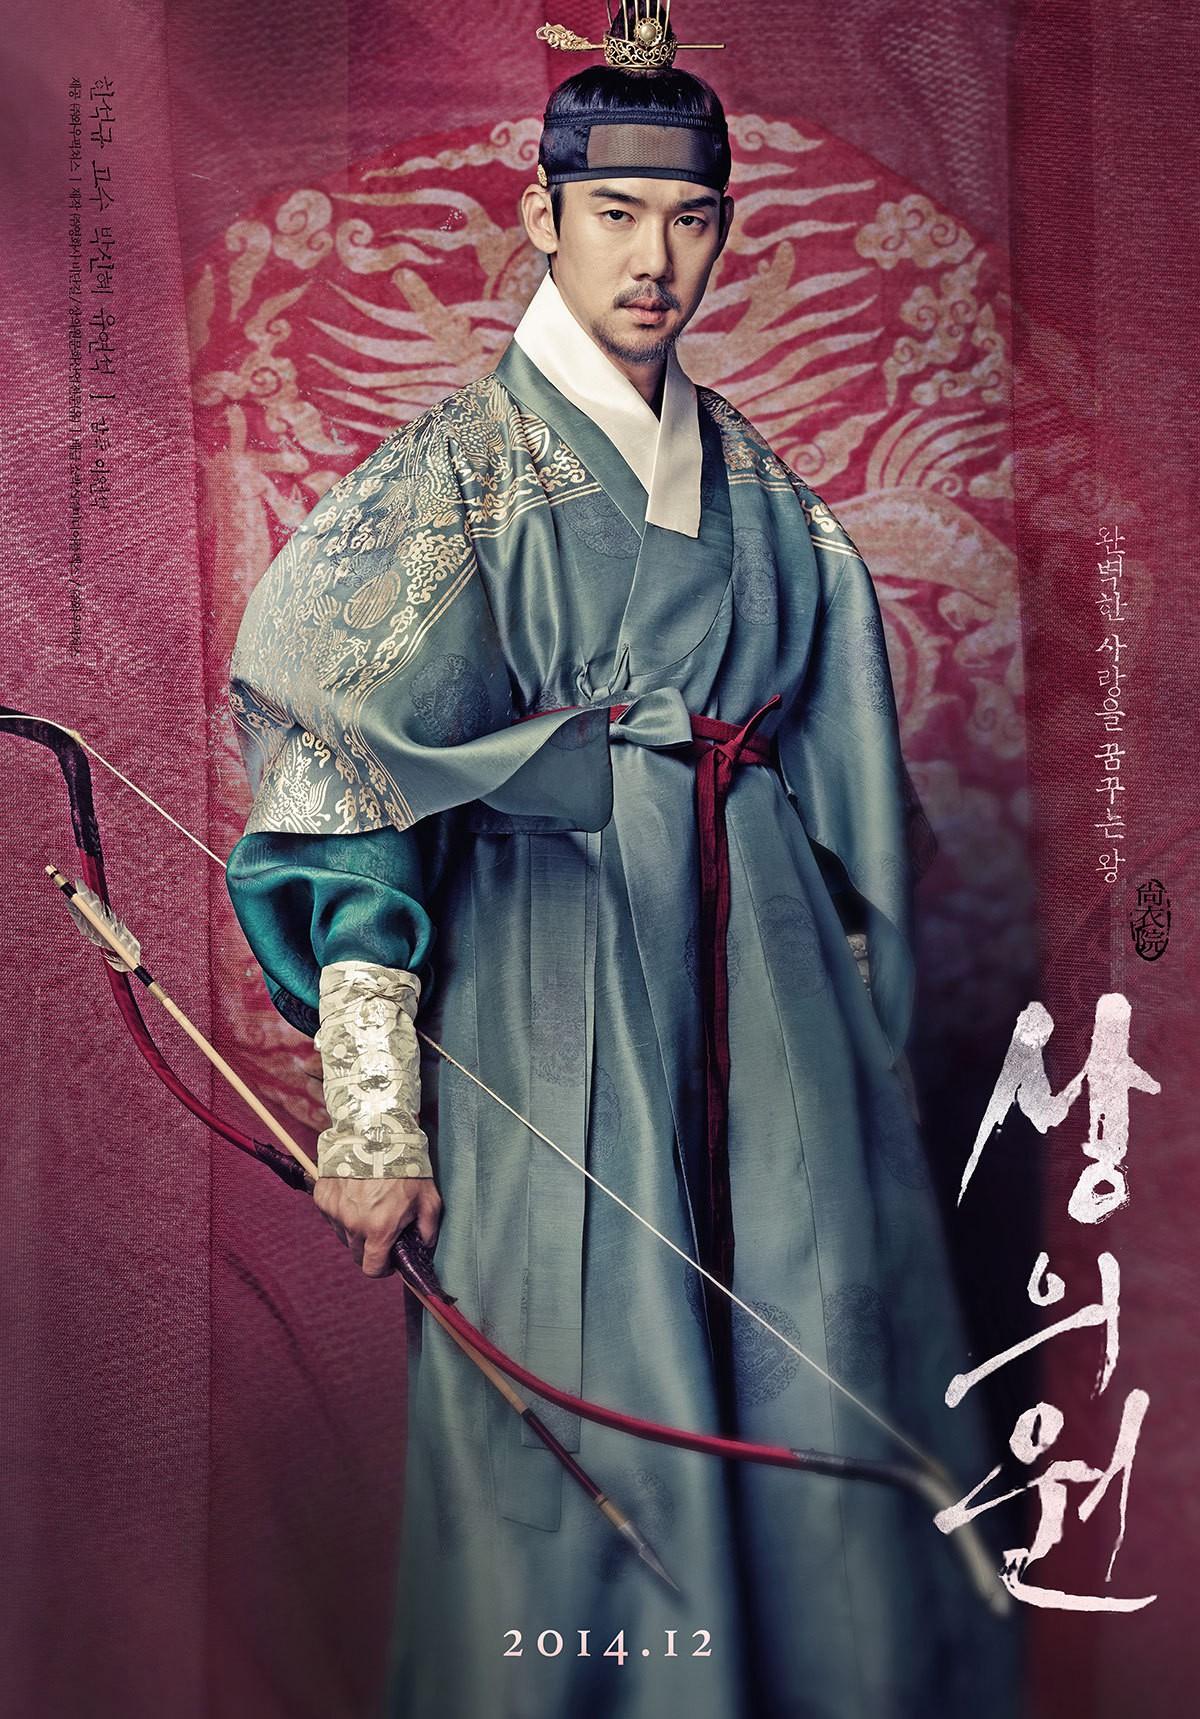 Từ hanbok tới thời trang hiện đại: Mãn nhãn với 8 phim Hàn có trang phục đẹp nhất màn ảnh - Ảnh 8.